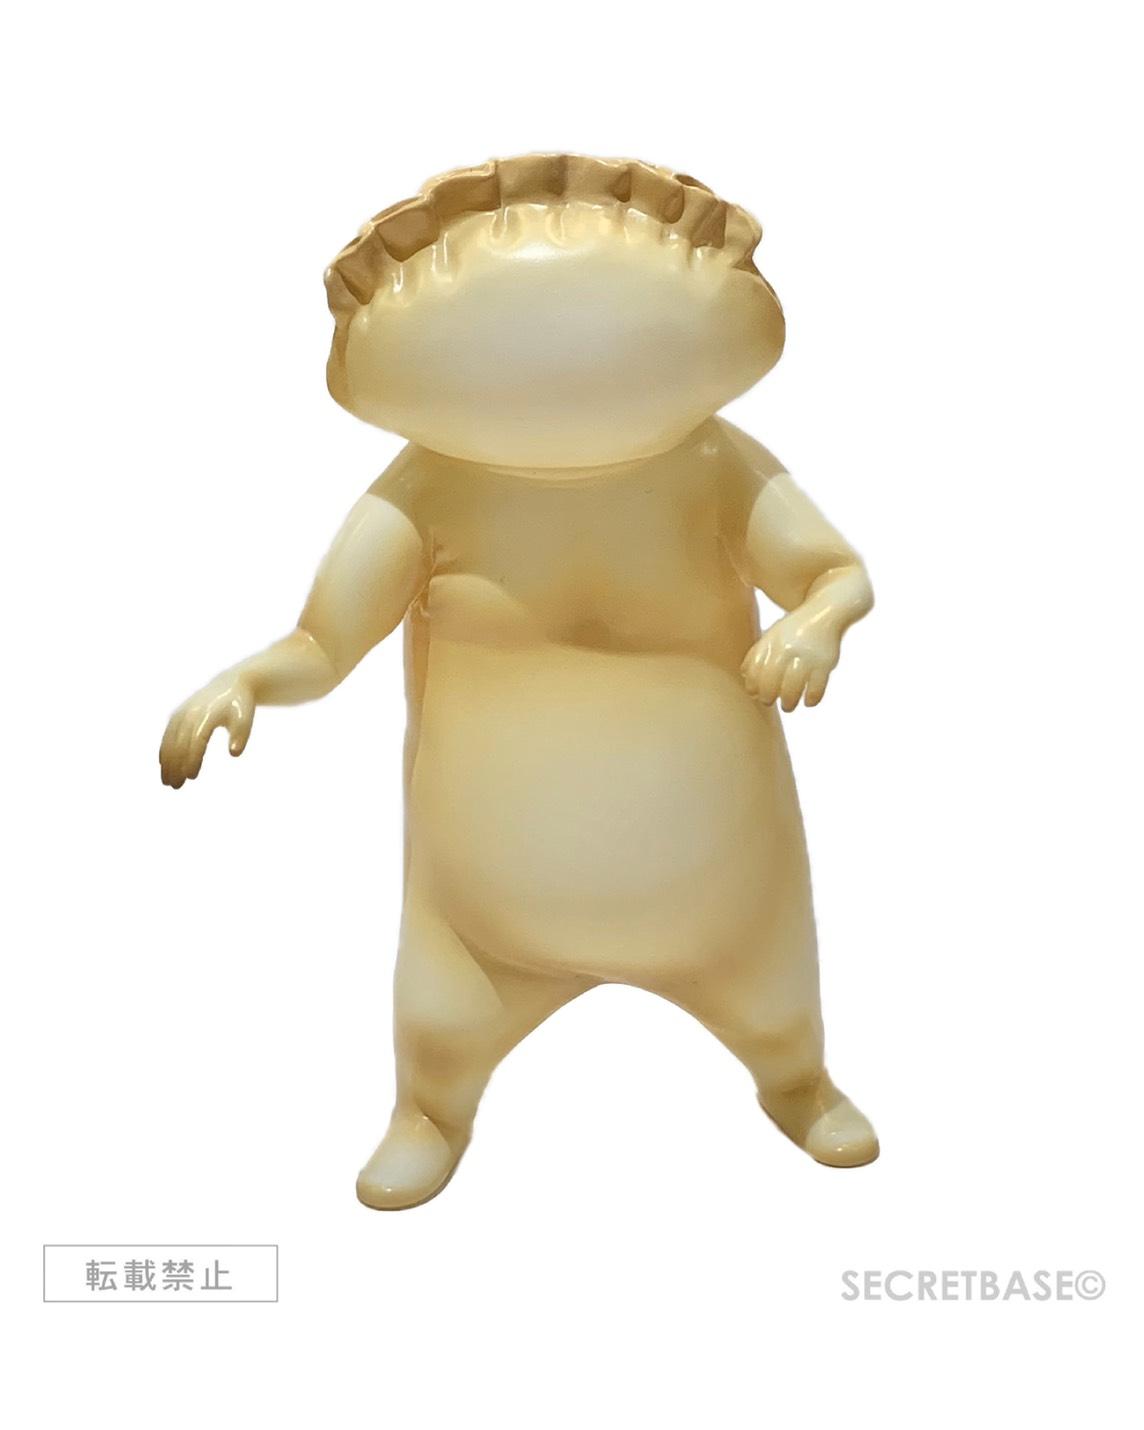 画像1: [焼き上がり前販売用]ギョーザ男(ソフビ人形) [追加生産版] (1)